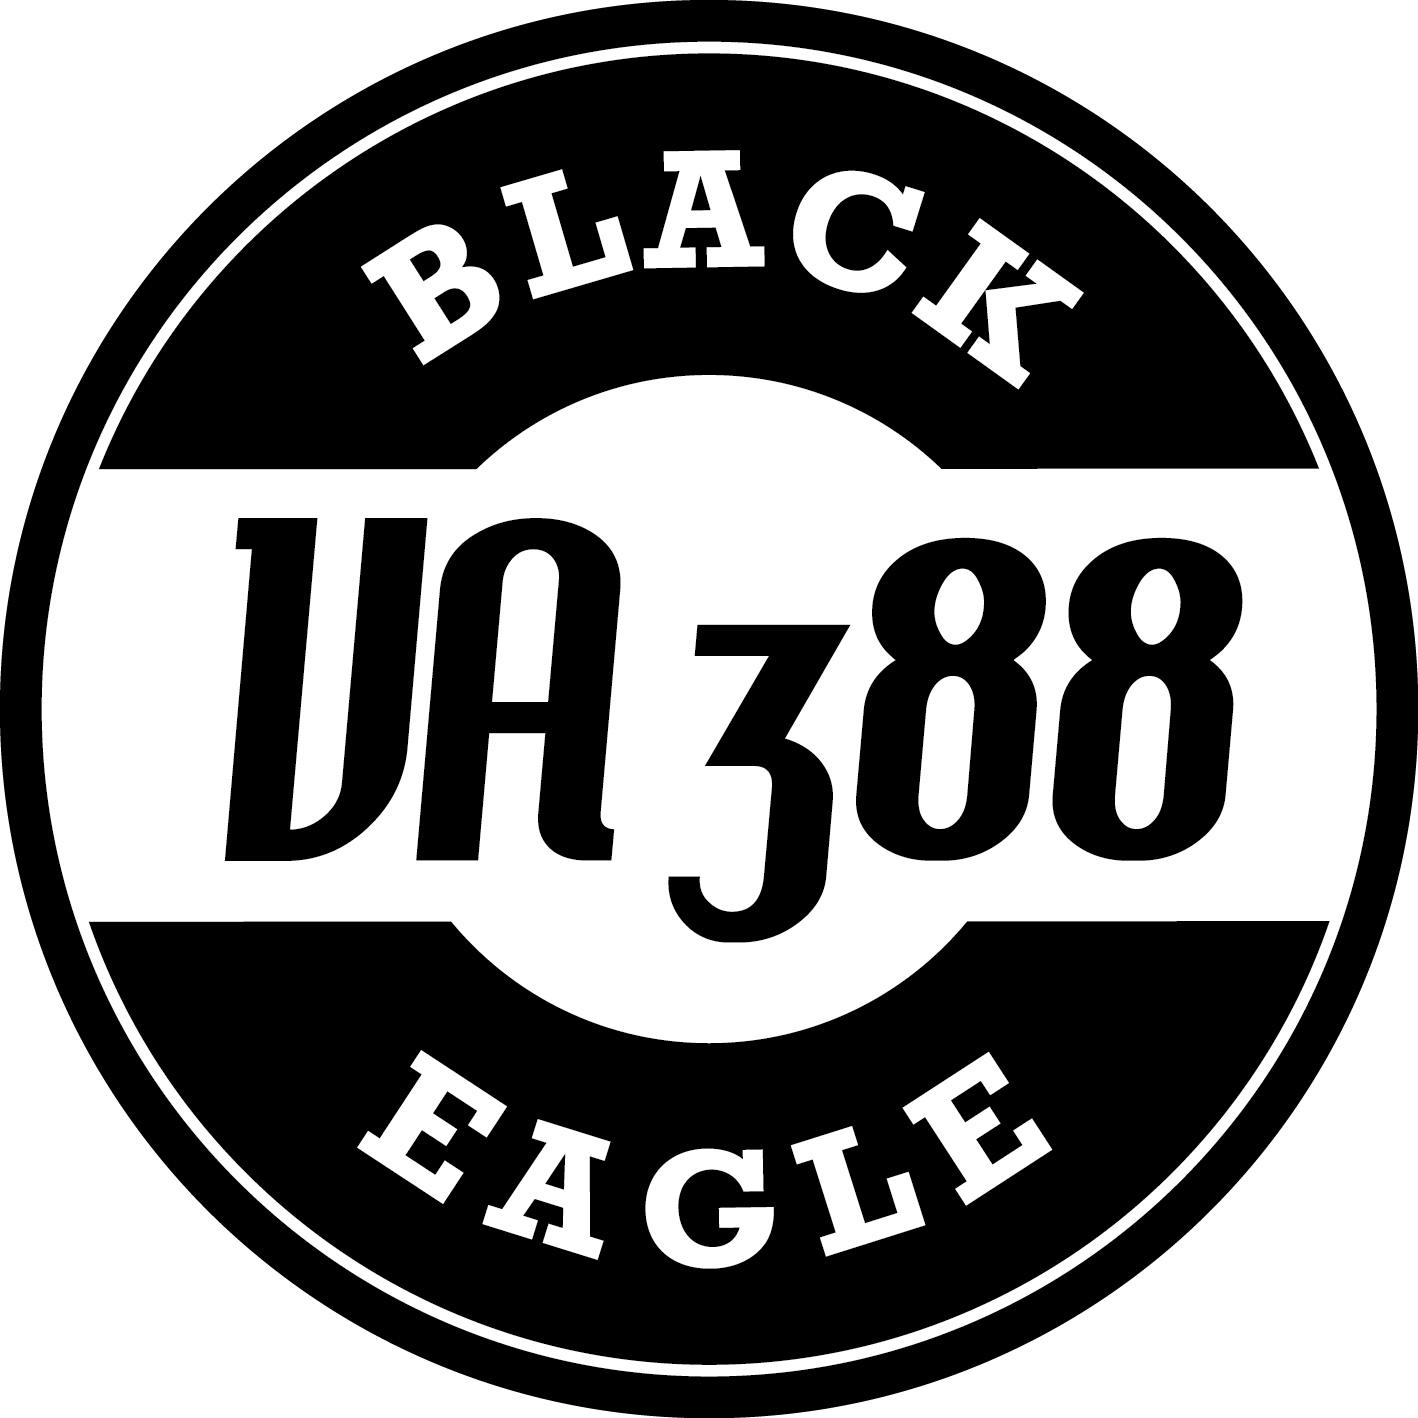 VA388 Logo.jpg